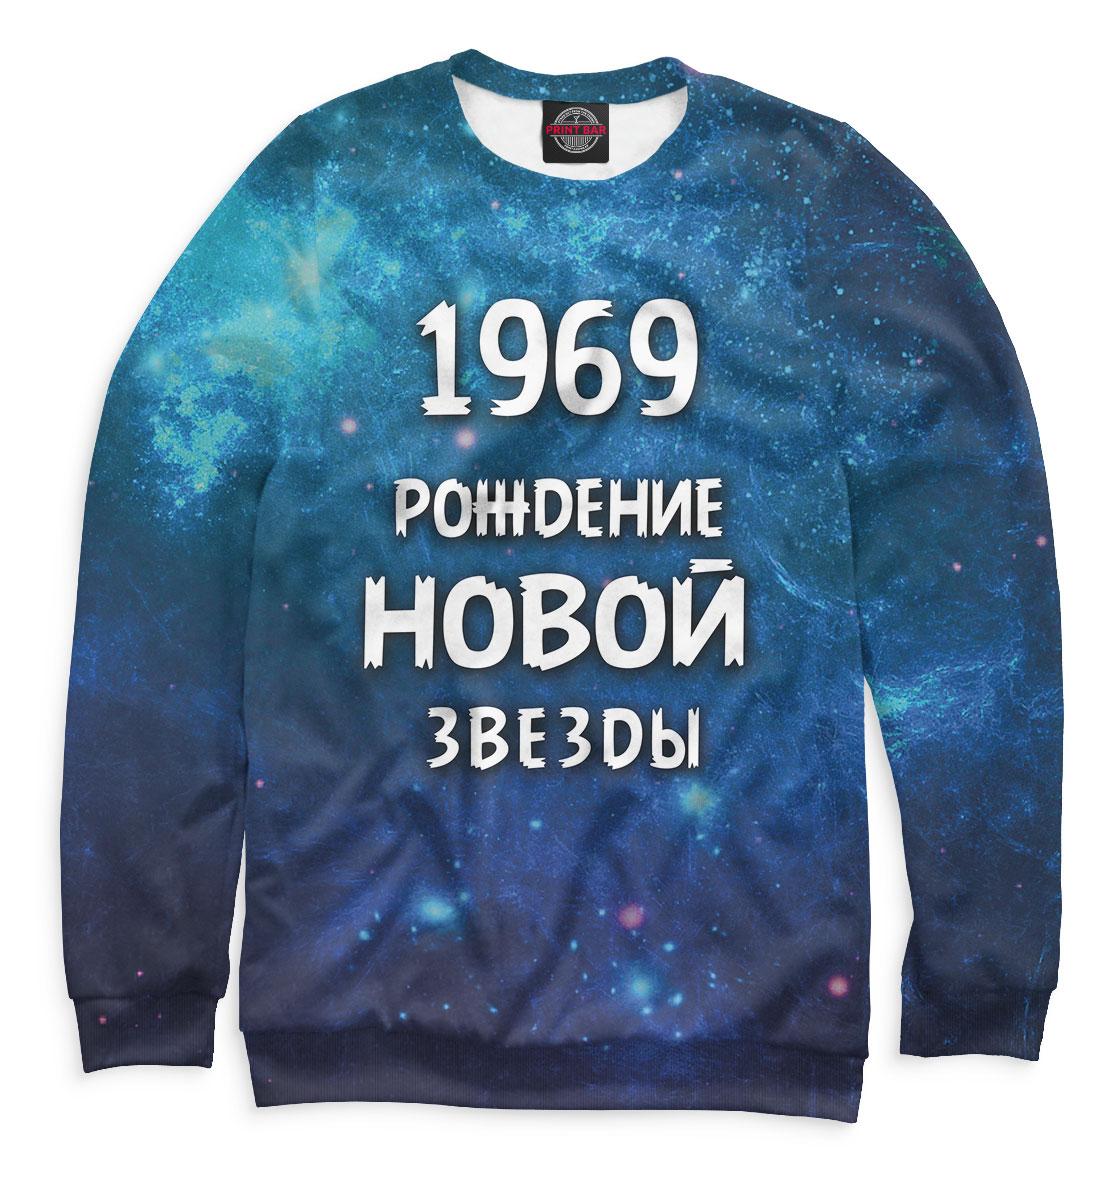 Купить 1969 — рождение новой звезды, Printbar, Свитшоты, DHE-228074-swi-2